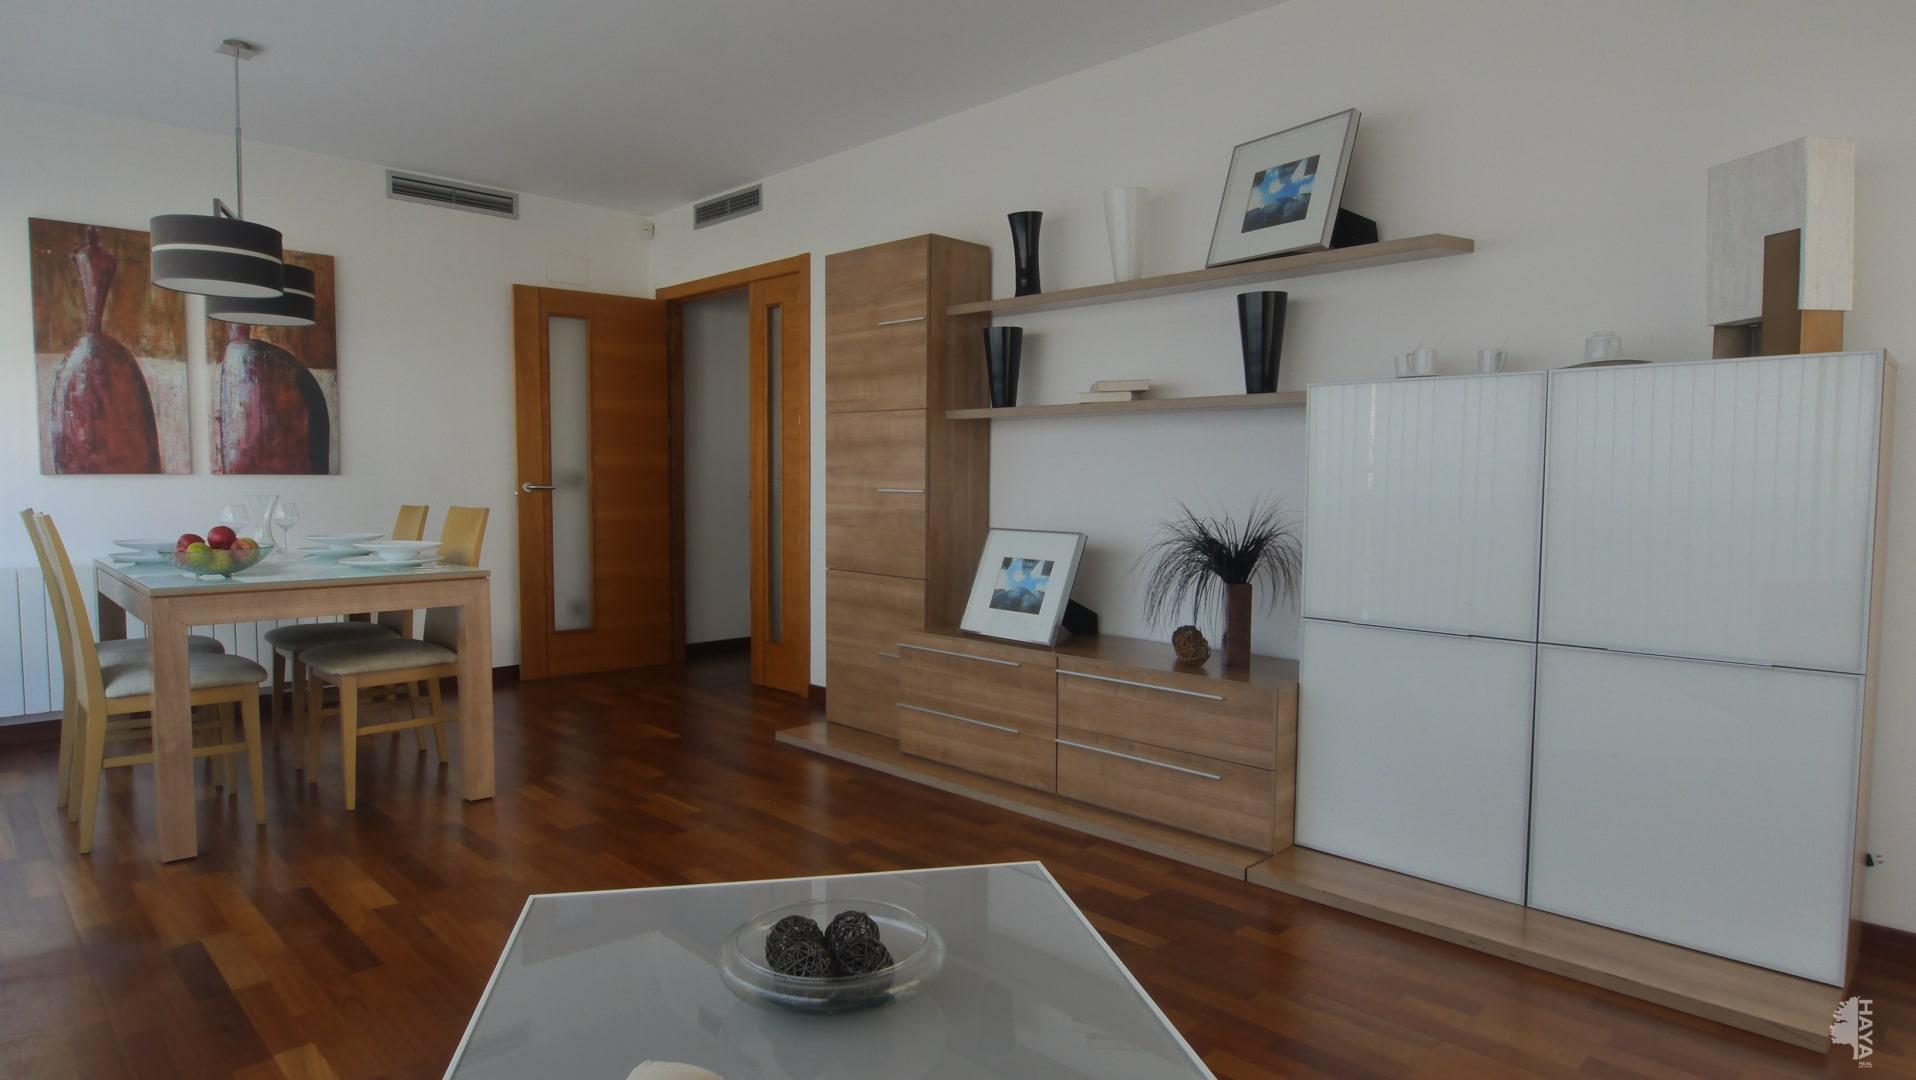 Piso en venta en Castellón de la Plana/castelló de la Plana, Castellón, Avenida Villarreal, 97.000 €, 1 habitación, 1 baño, 52 m2